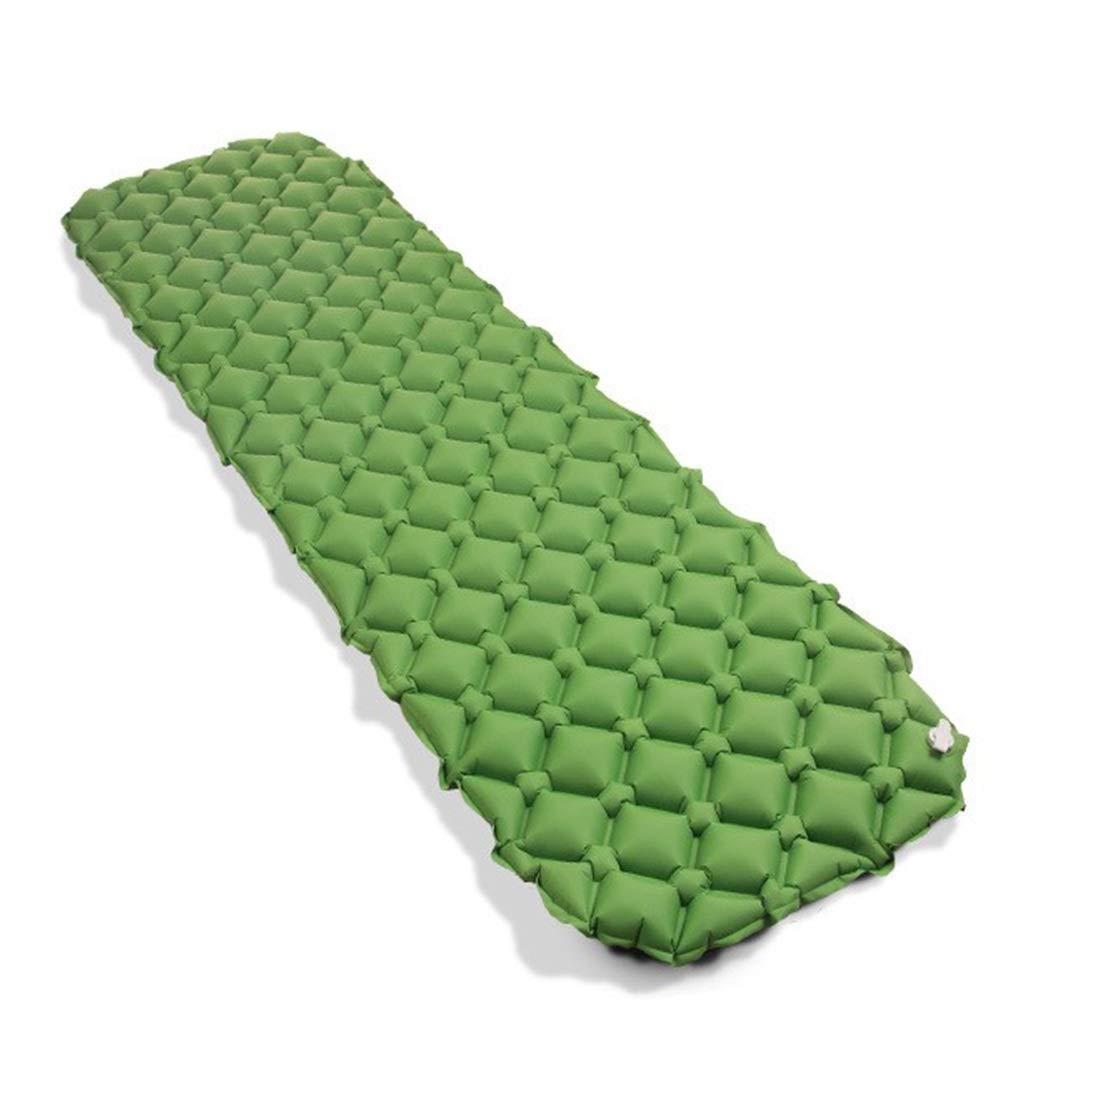 UICICI Il Rilievo di Sonno della Tenda di Campeggio - Il Singolo Cuscino Gonfiabile Automatico del PVC del Rilievo Gonfiabile Automatico a Prova d'umidità Unico può Essere Cucitura (Colore   verde)